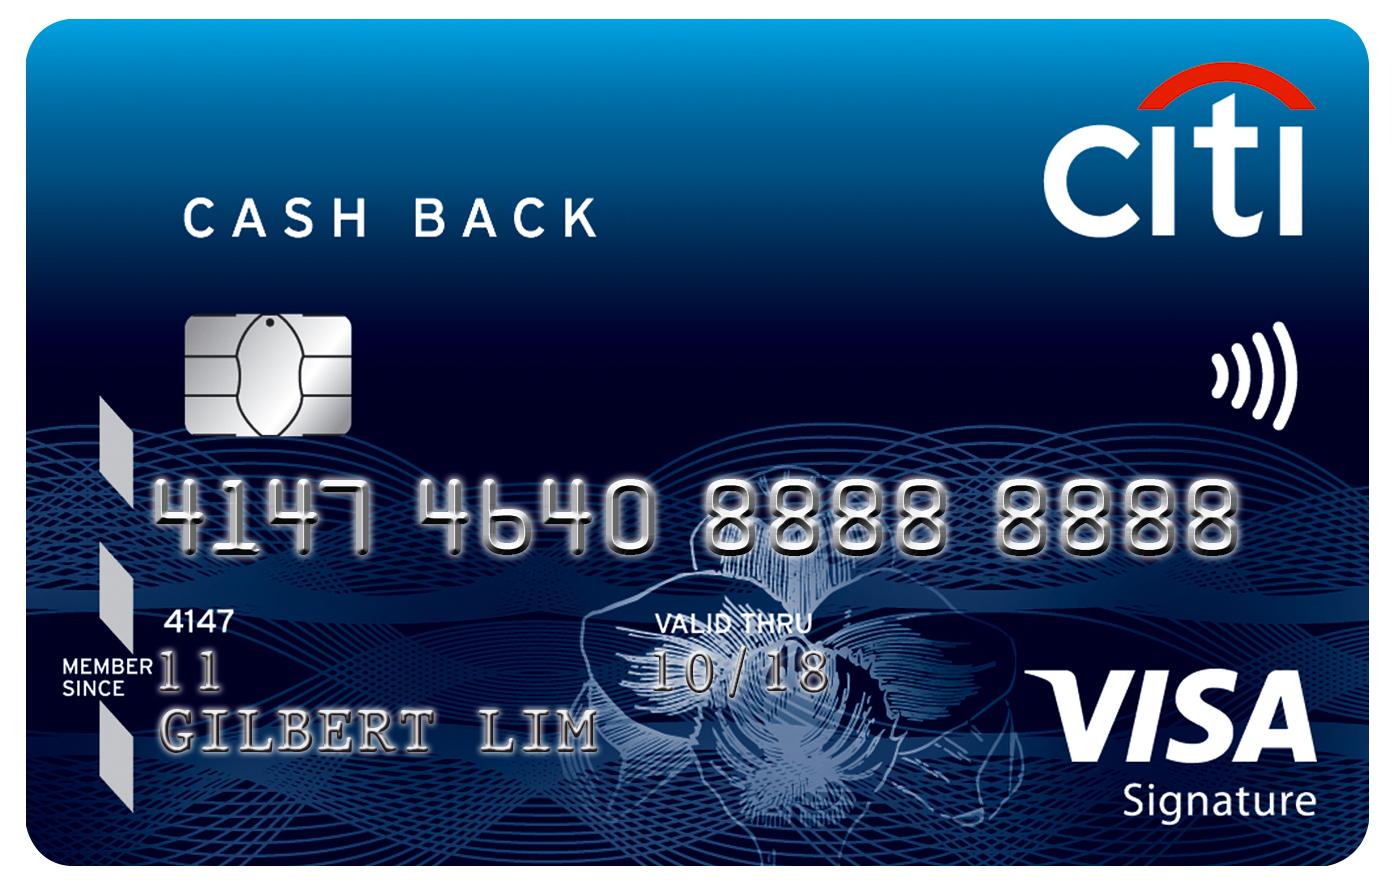 citibank visa debit card for overseas travel